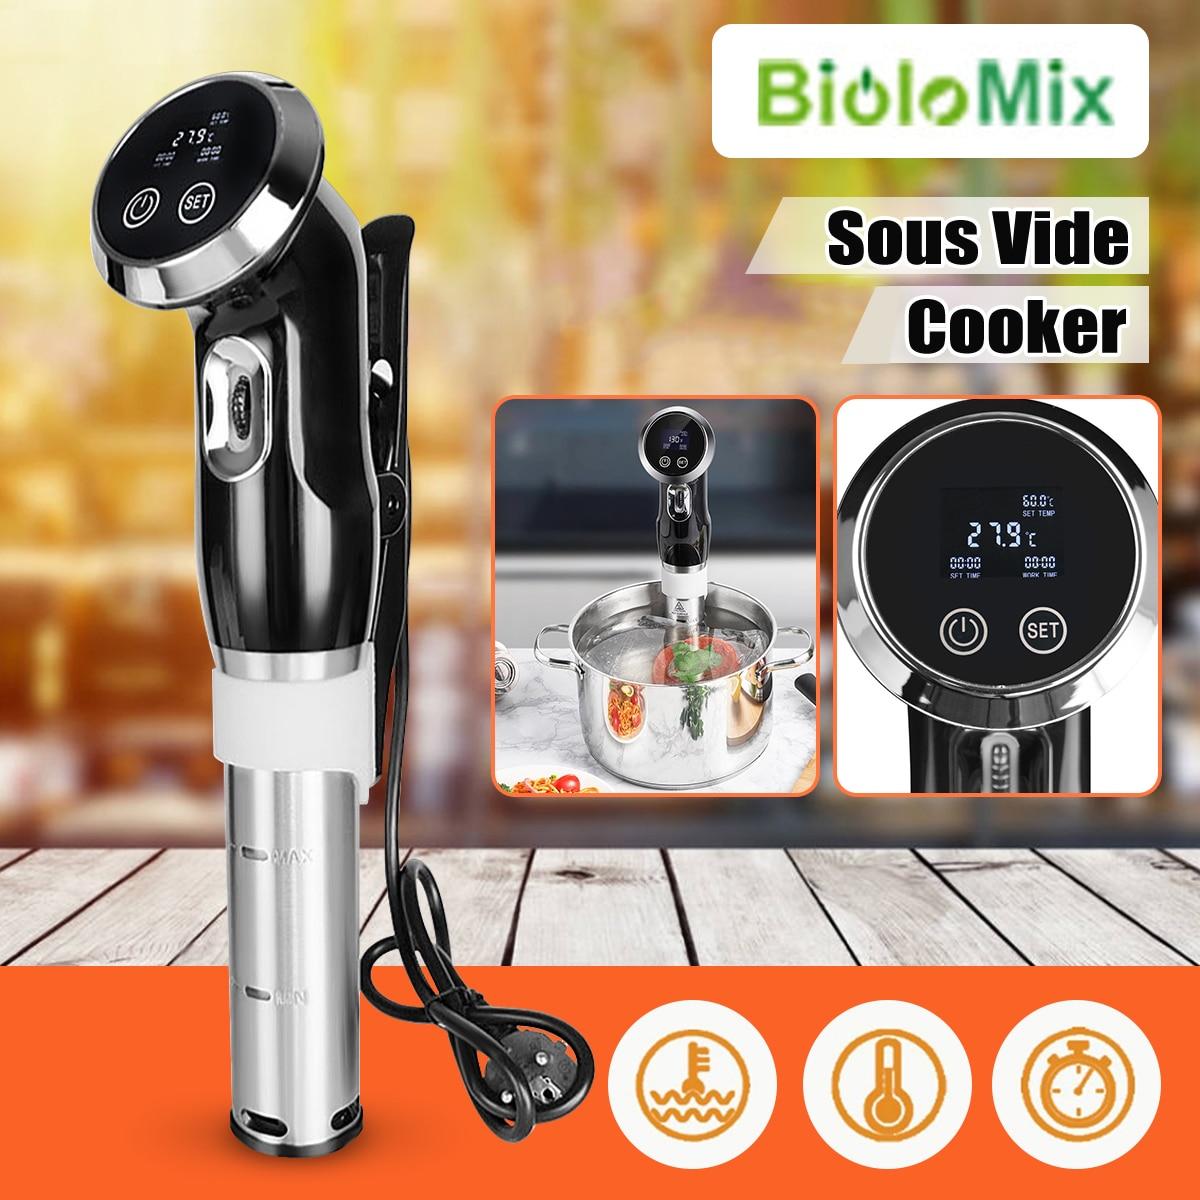 Biolomix 1500 W cuiseur à Vide lent Sous Vide puissant circulateur à Immersion LCD minuterie numérique en acier inoxydable pour cuisinière à domicile